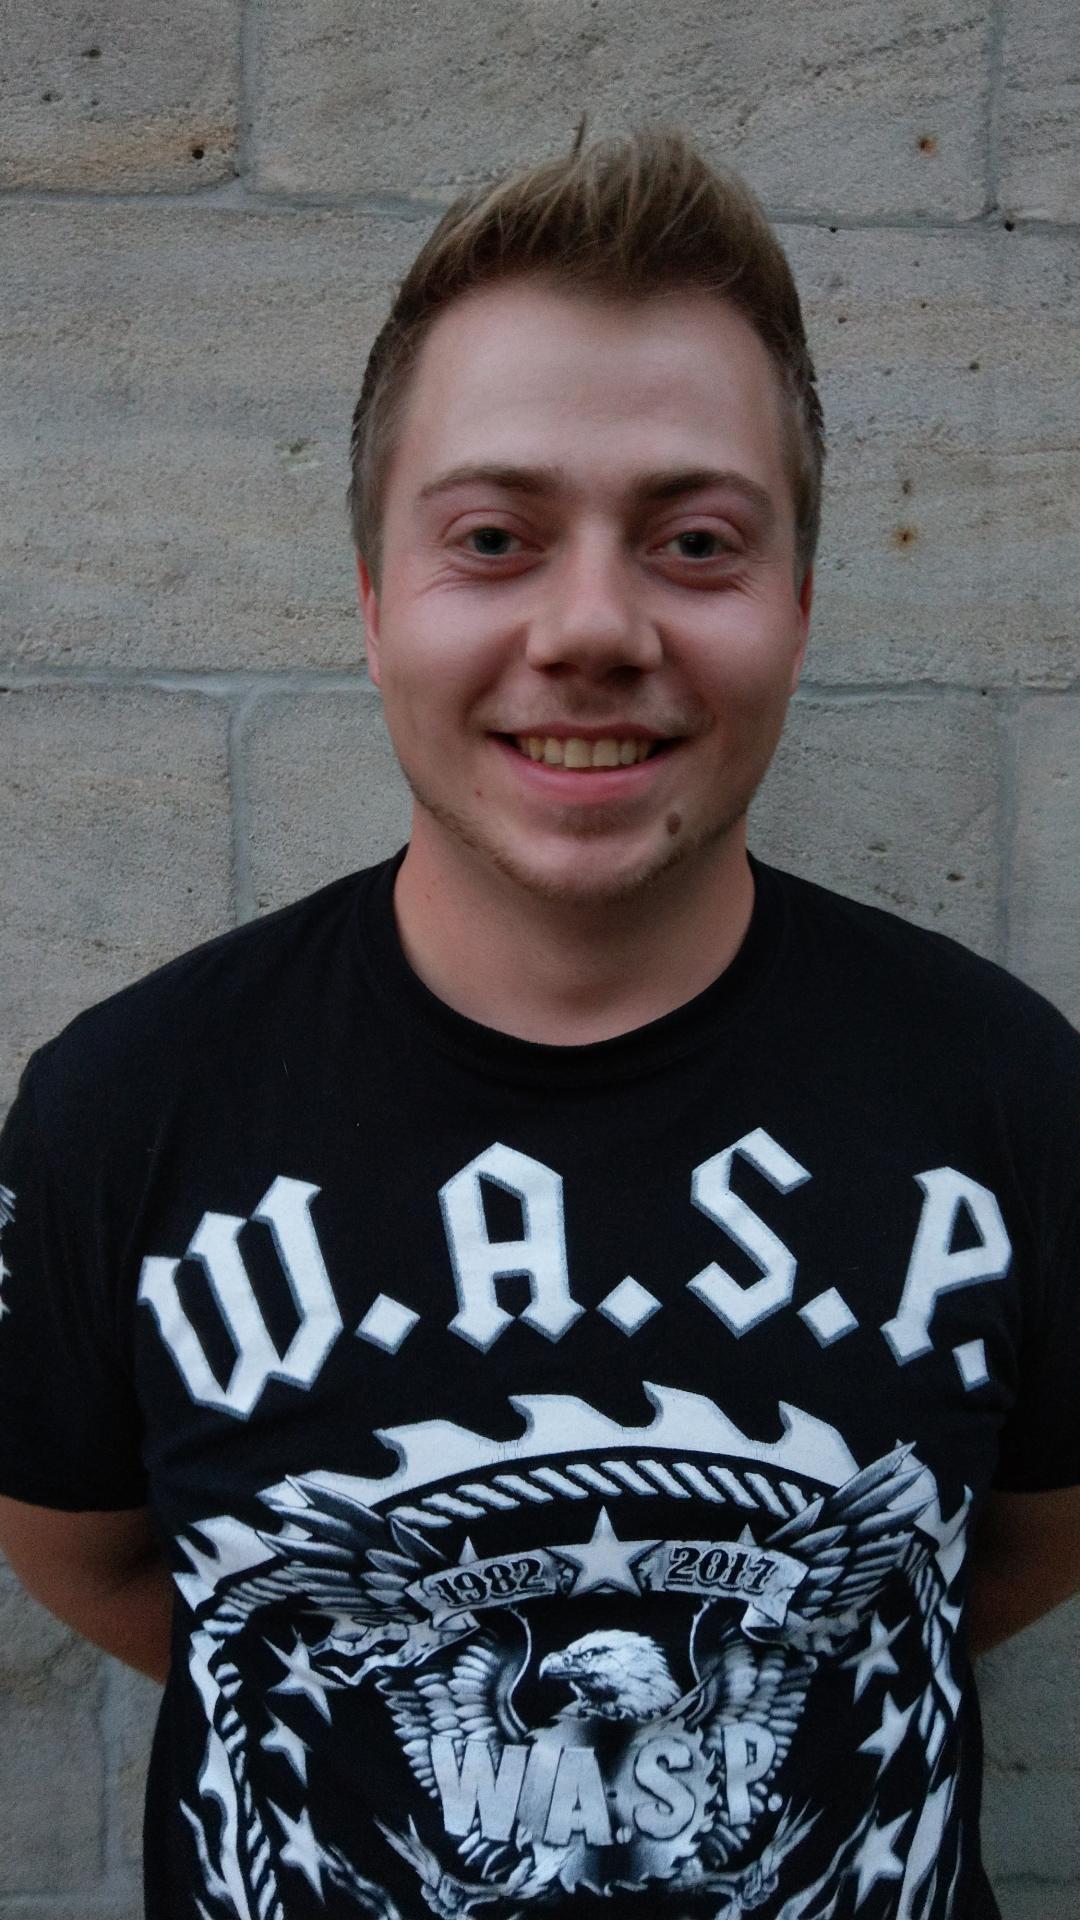 Christopher Igl, Hesslach, stellvertretender Vorsitzender